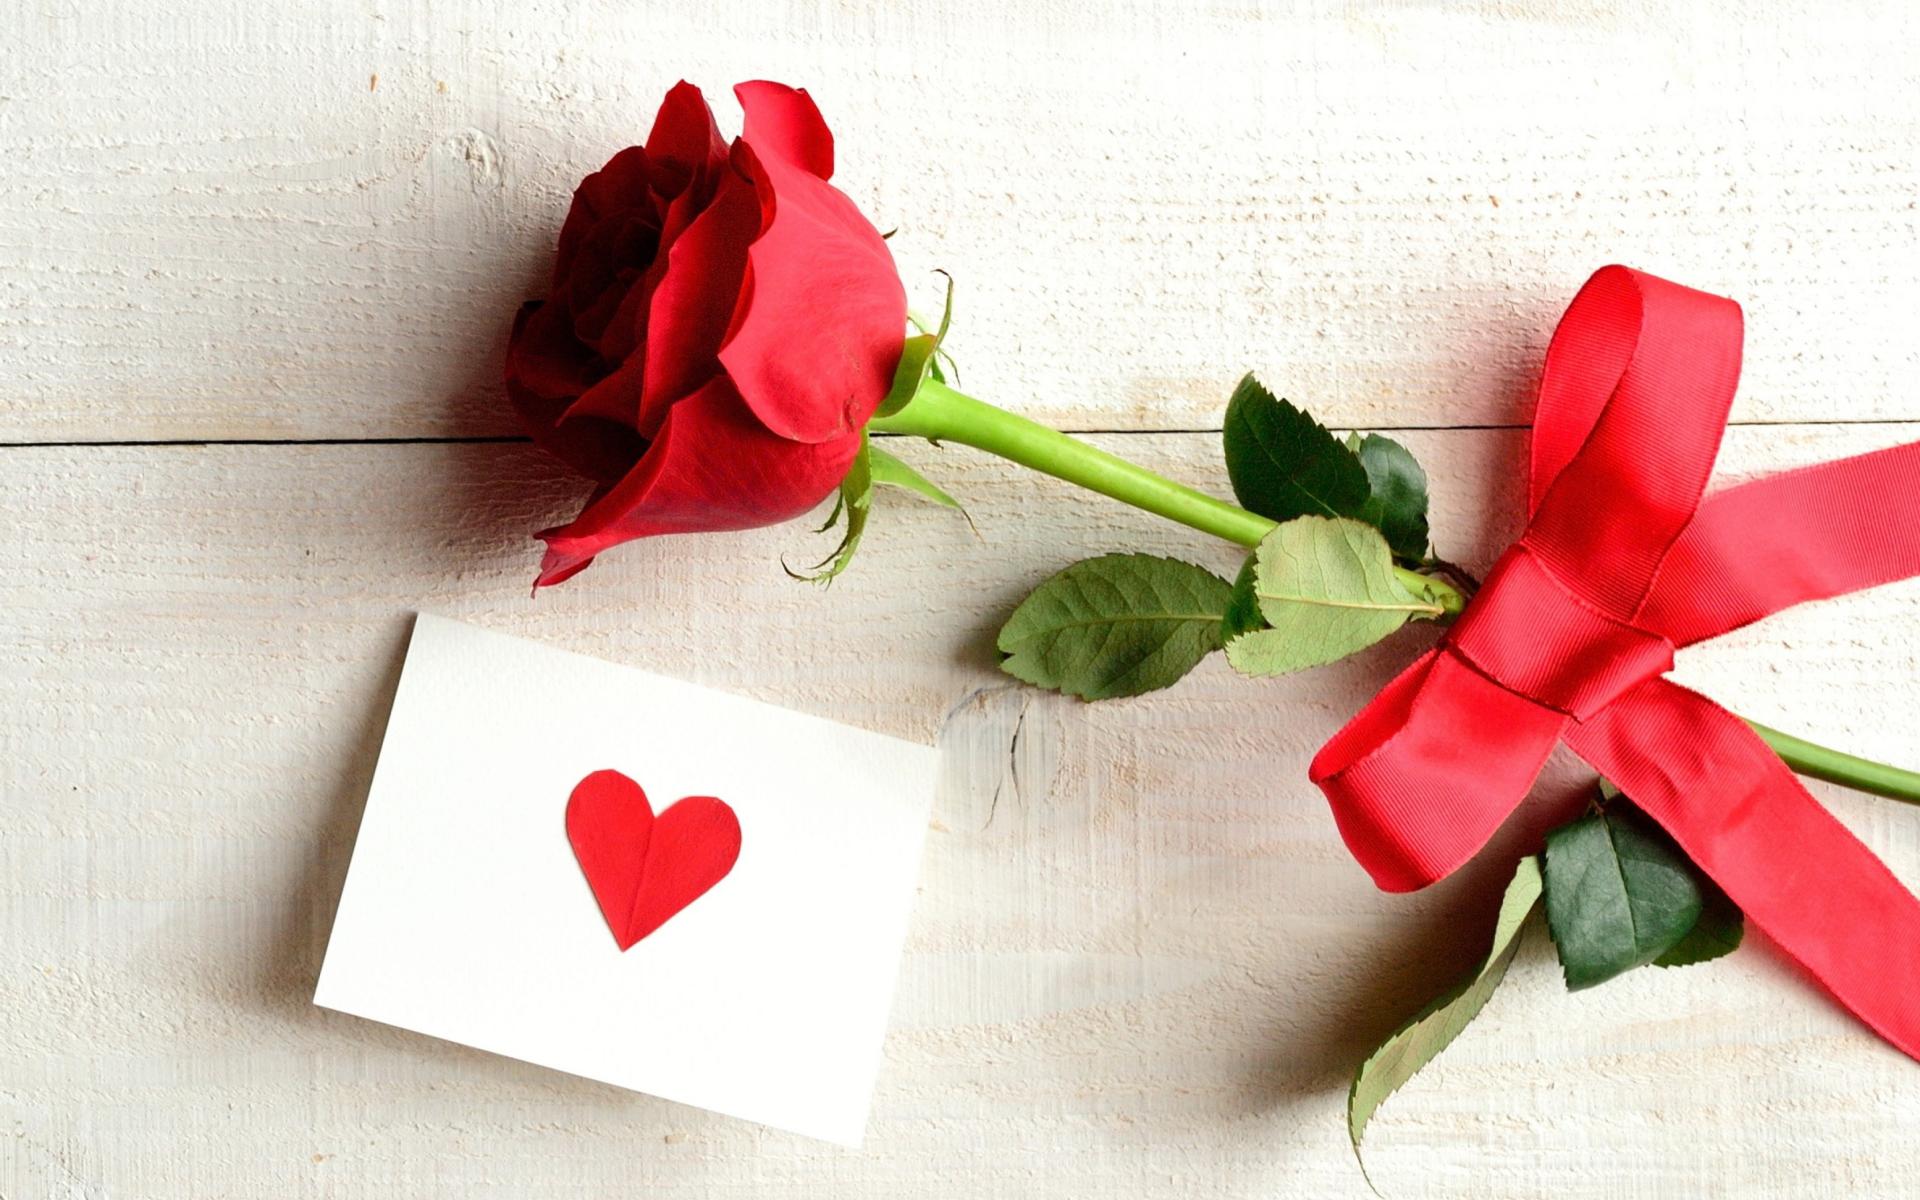 Цветы сердца открытки